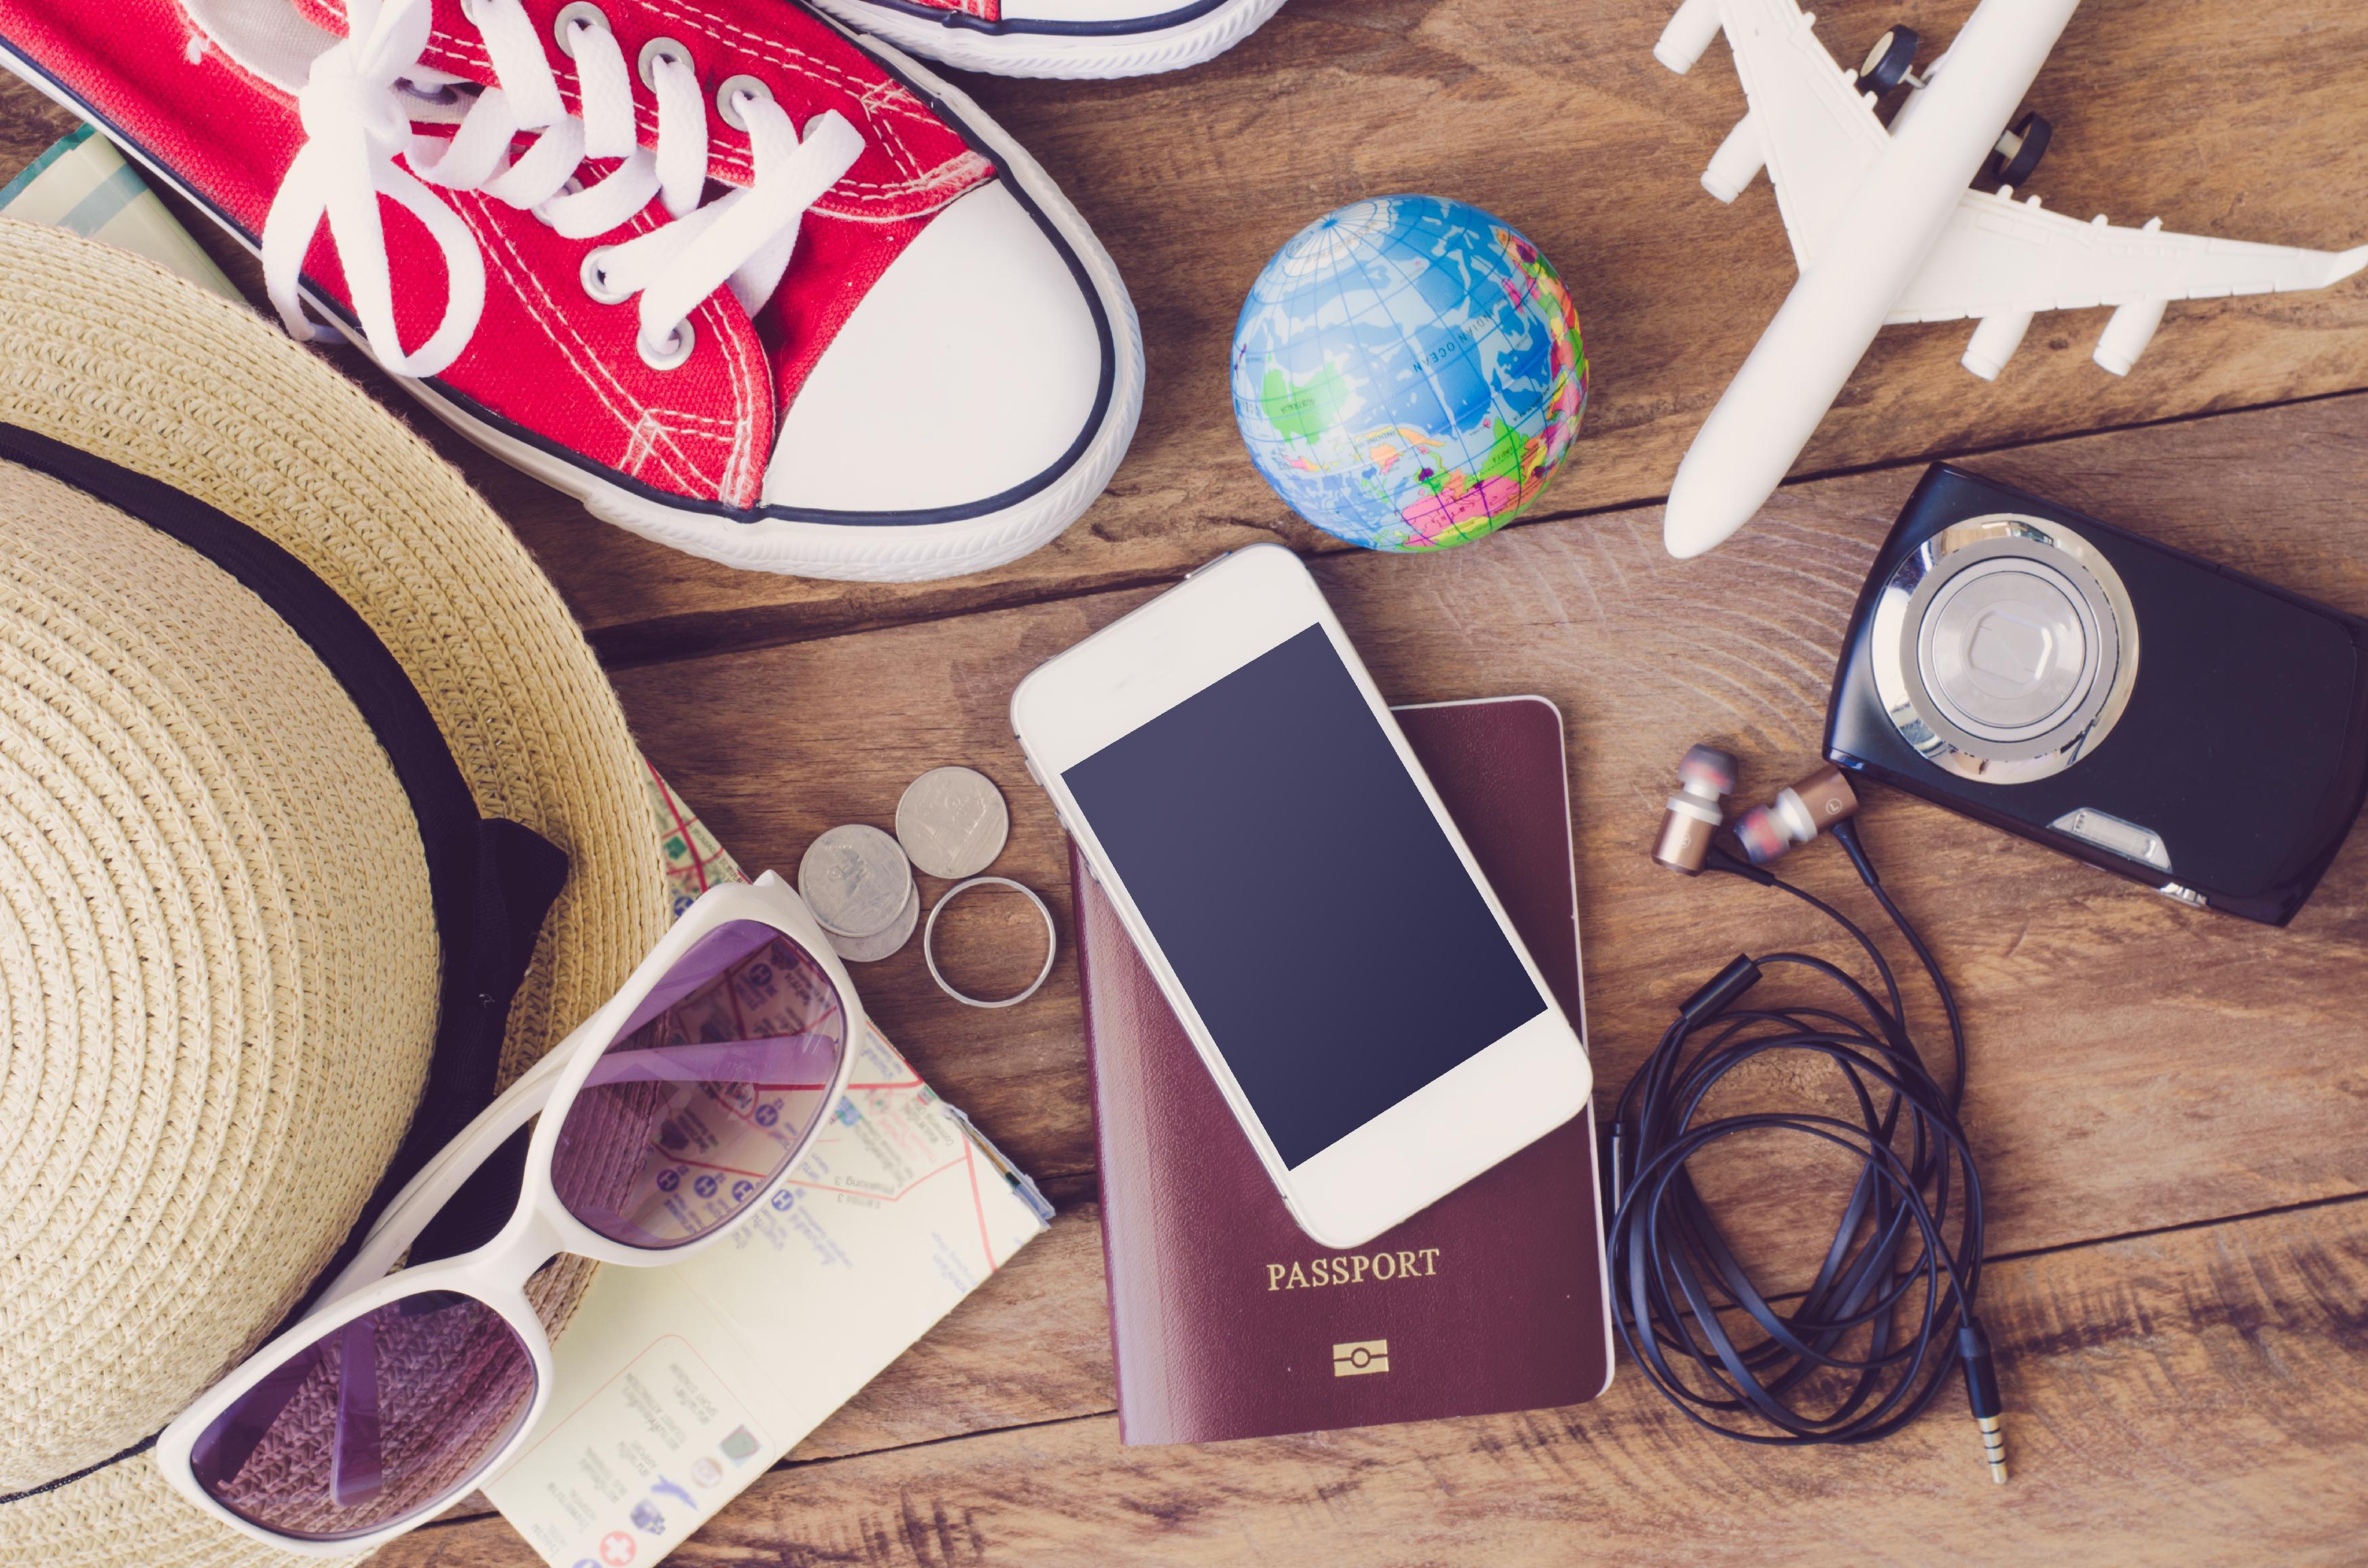 Kit de voyage d'un étudiant : passeport, basket, lunette de soleil...